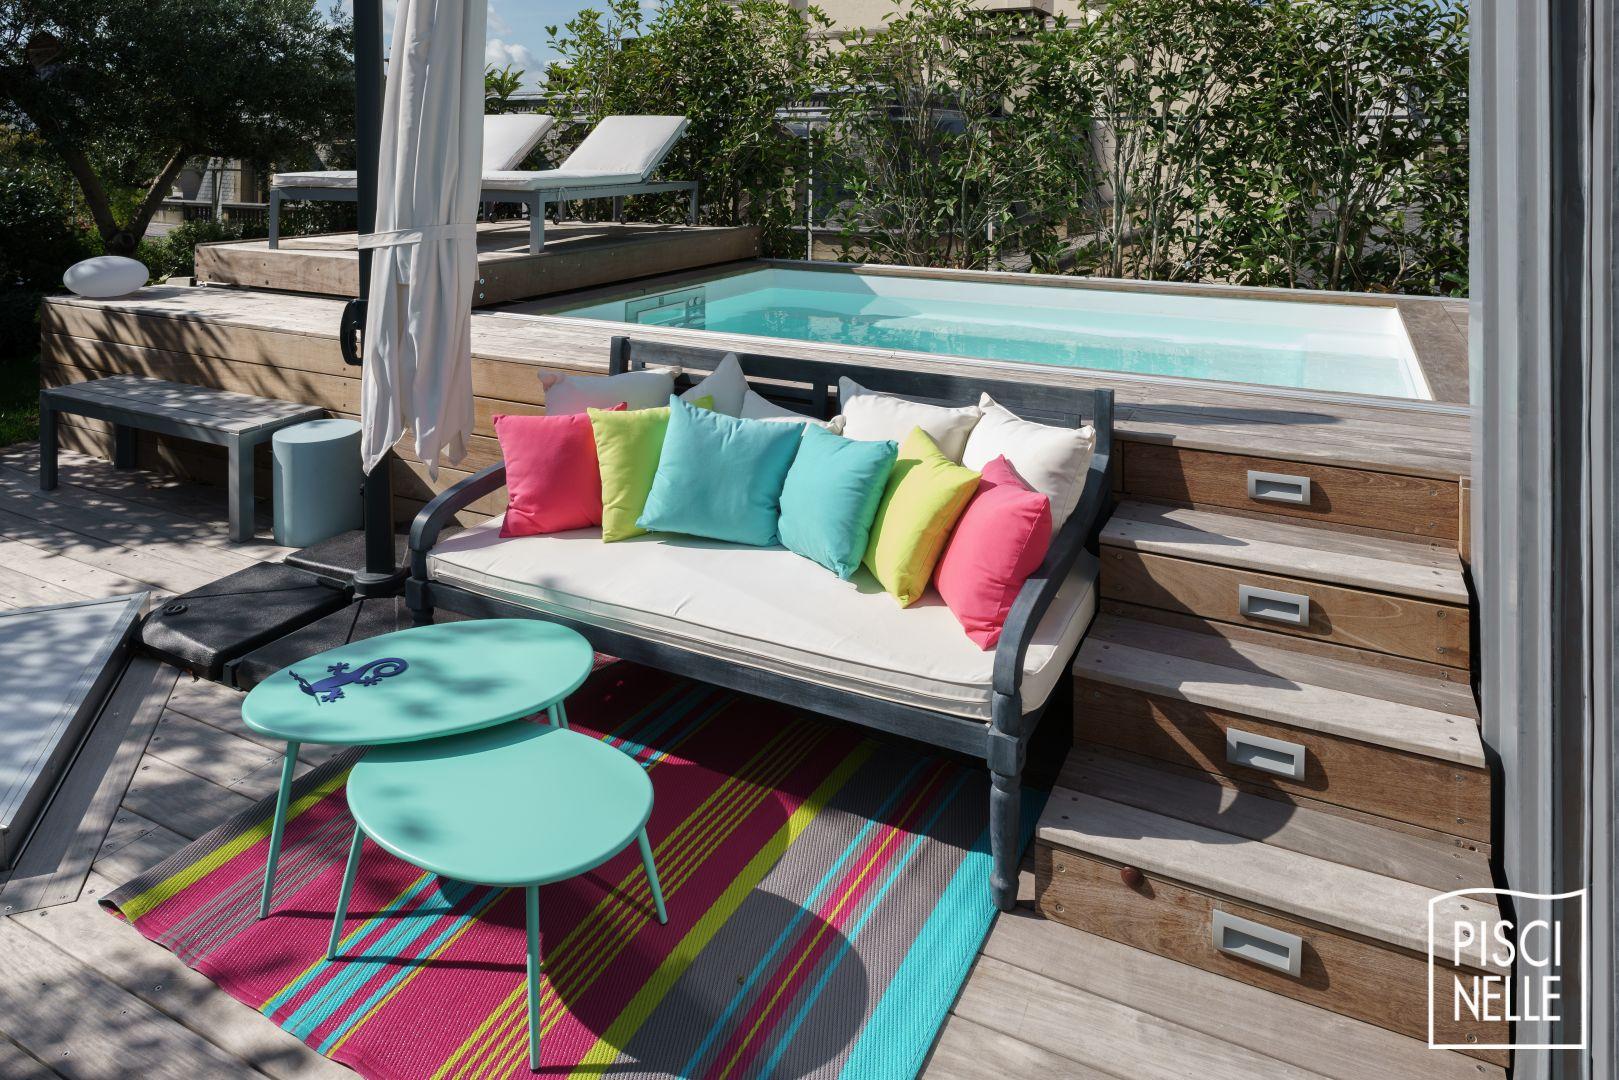 Une Piscine Sur Un Toit Terrasse À Paris - Piscinelle tout Mini Piscine Hors Sol